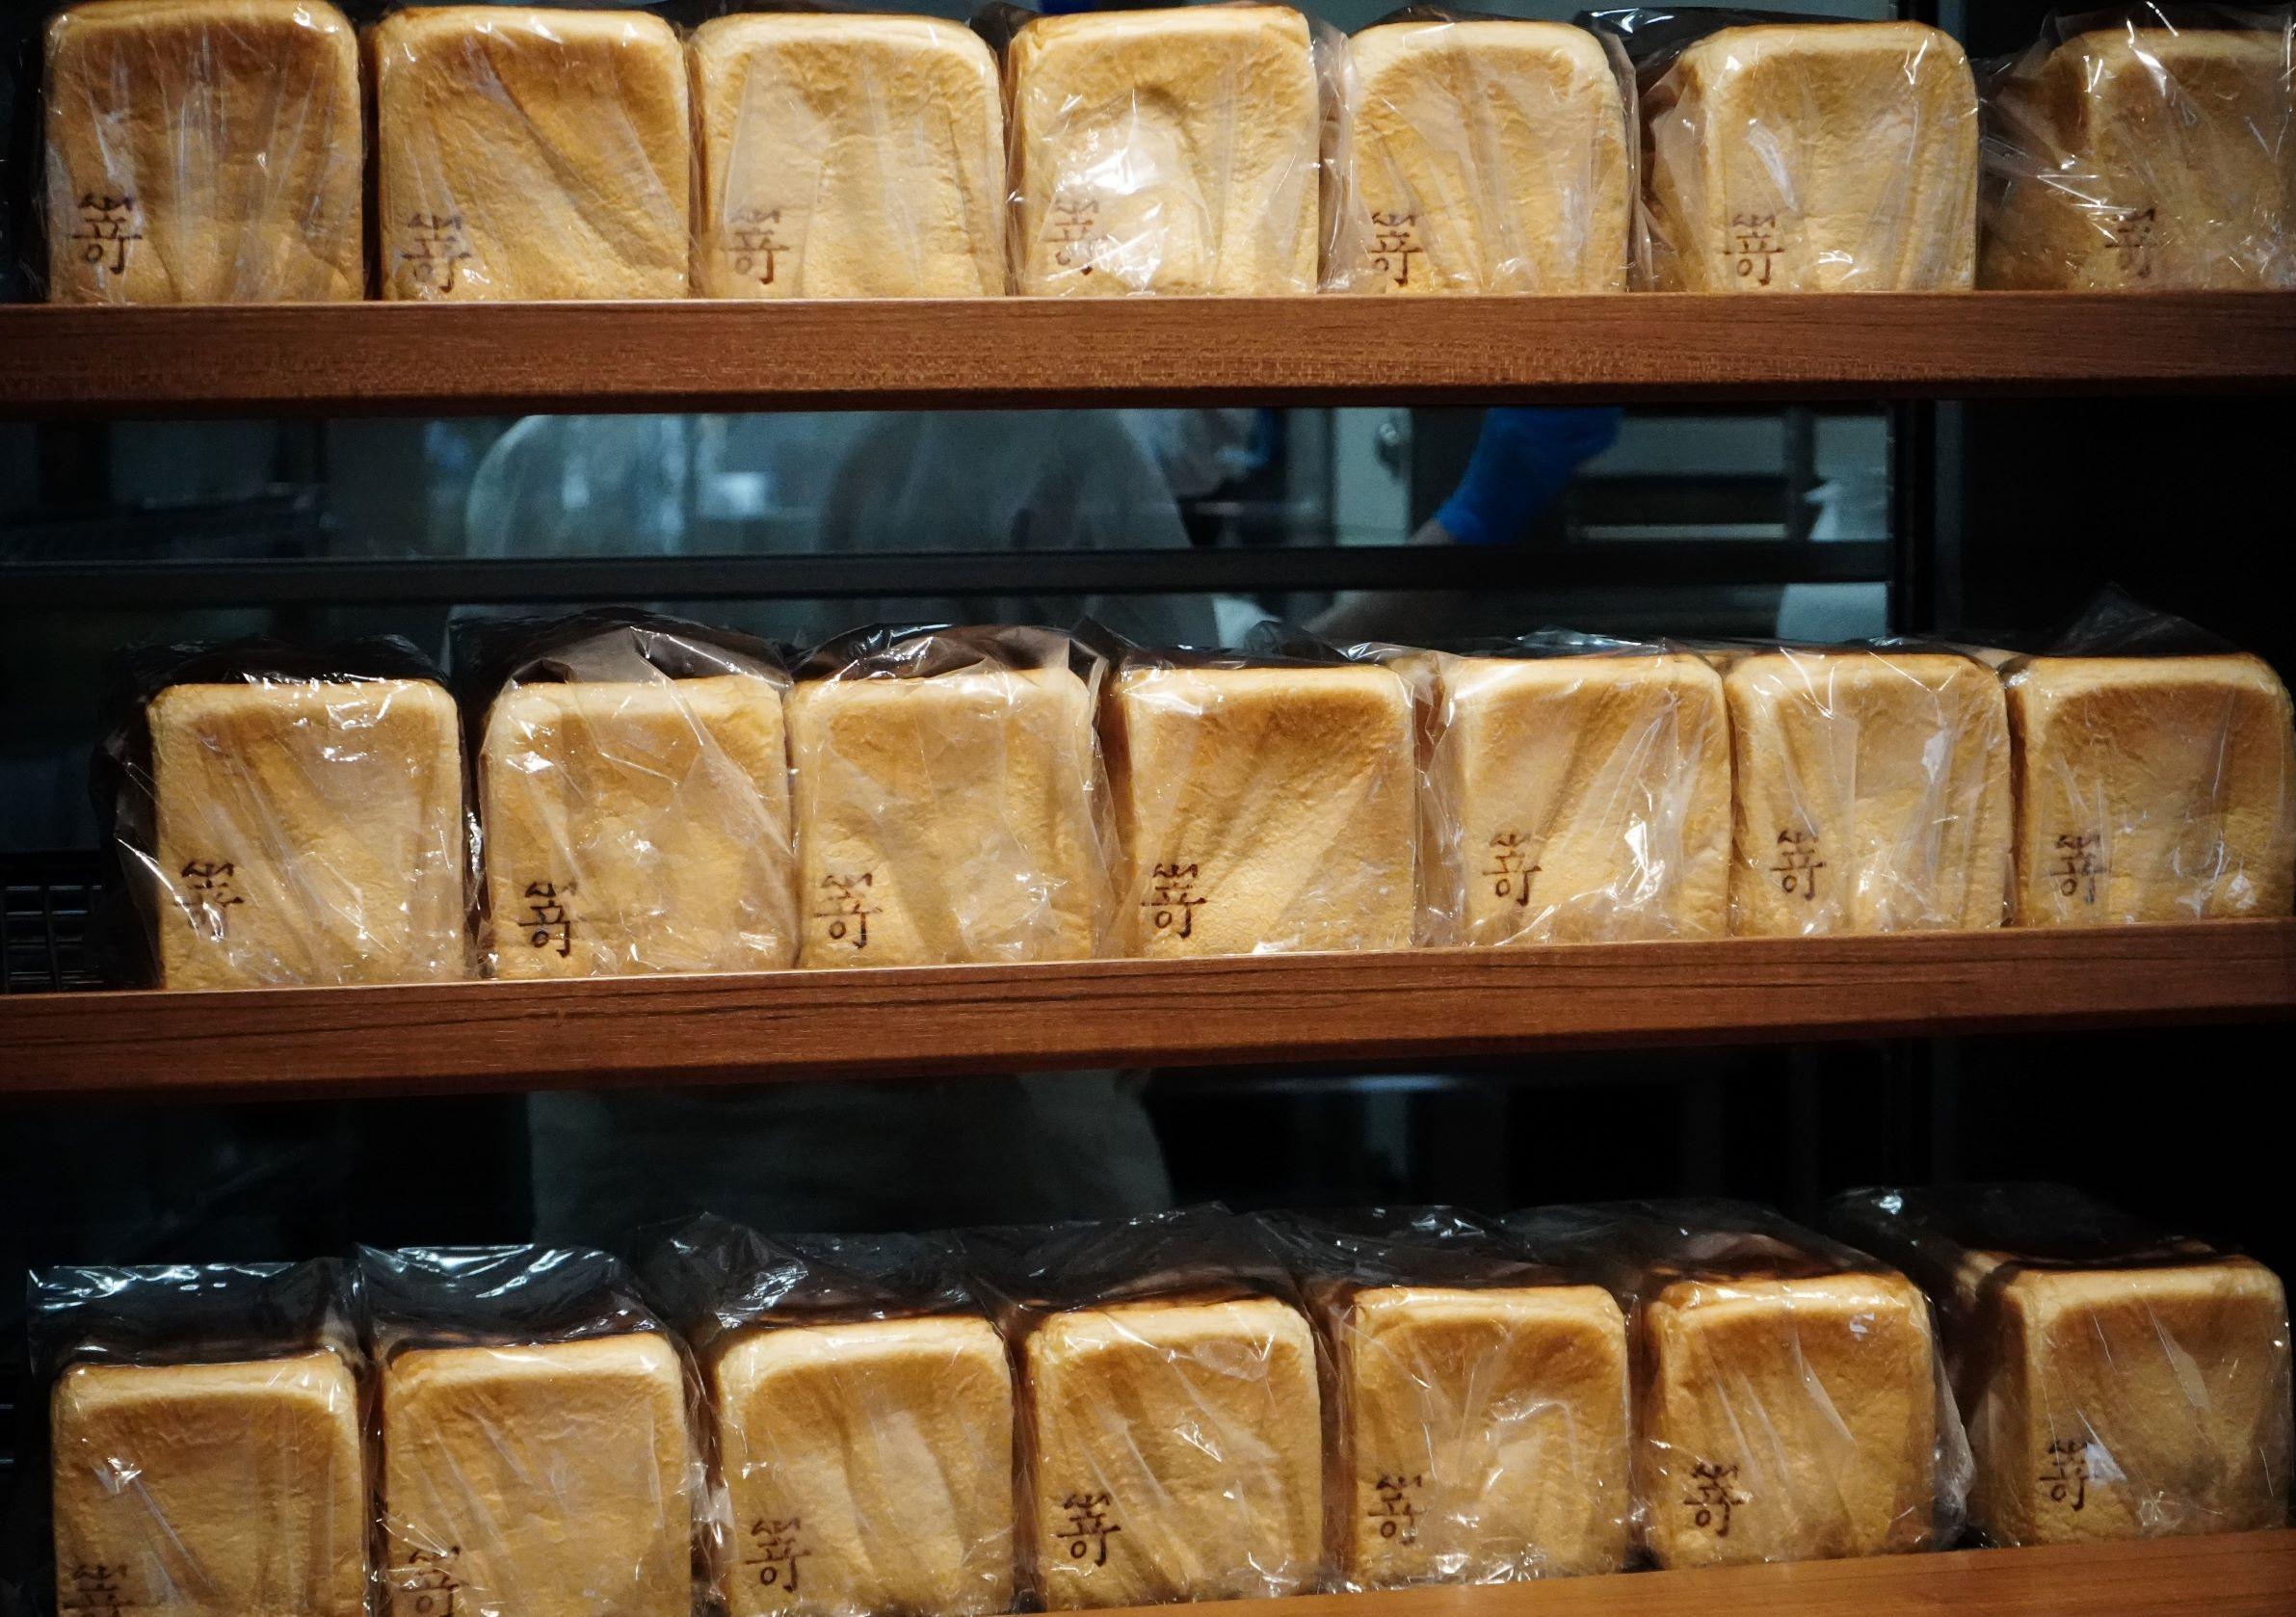 東海地方初出店!高級食パン専門店「嵜本」でふわふわ・もちもち食パンを堪能しよう! - 7aae1f73275f20d47db4533f0584f81a